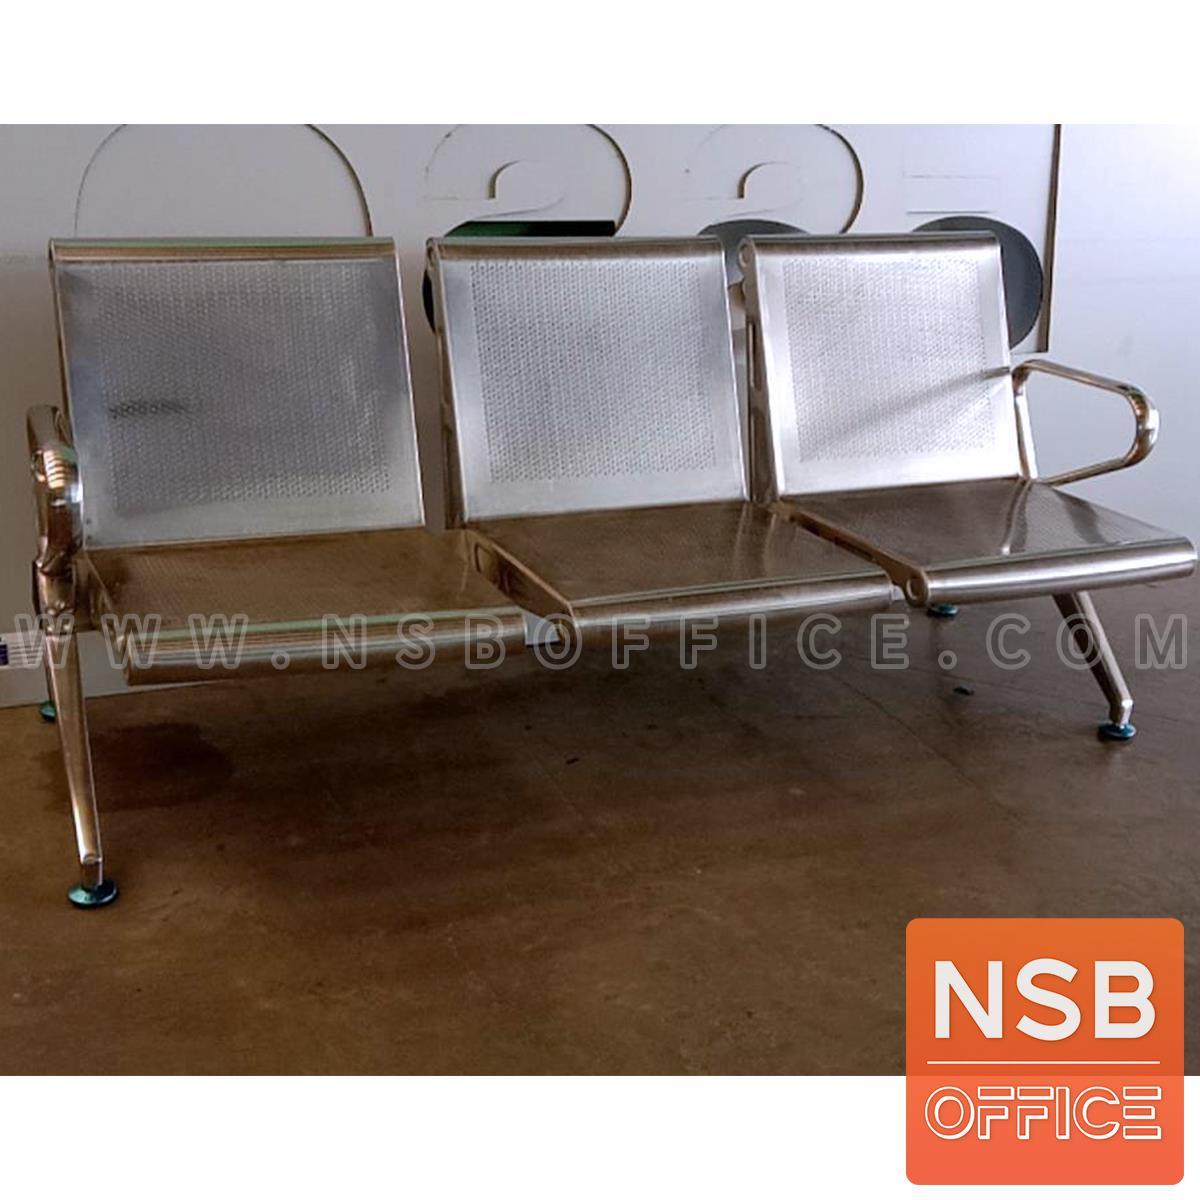 เก้าอี้นั่งคอยสเตนเลส 3 ที่นั่ง รุ่น Humingbird (ฮัมมิงเบิร์ด) ขนาด 175W cm.